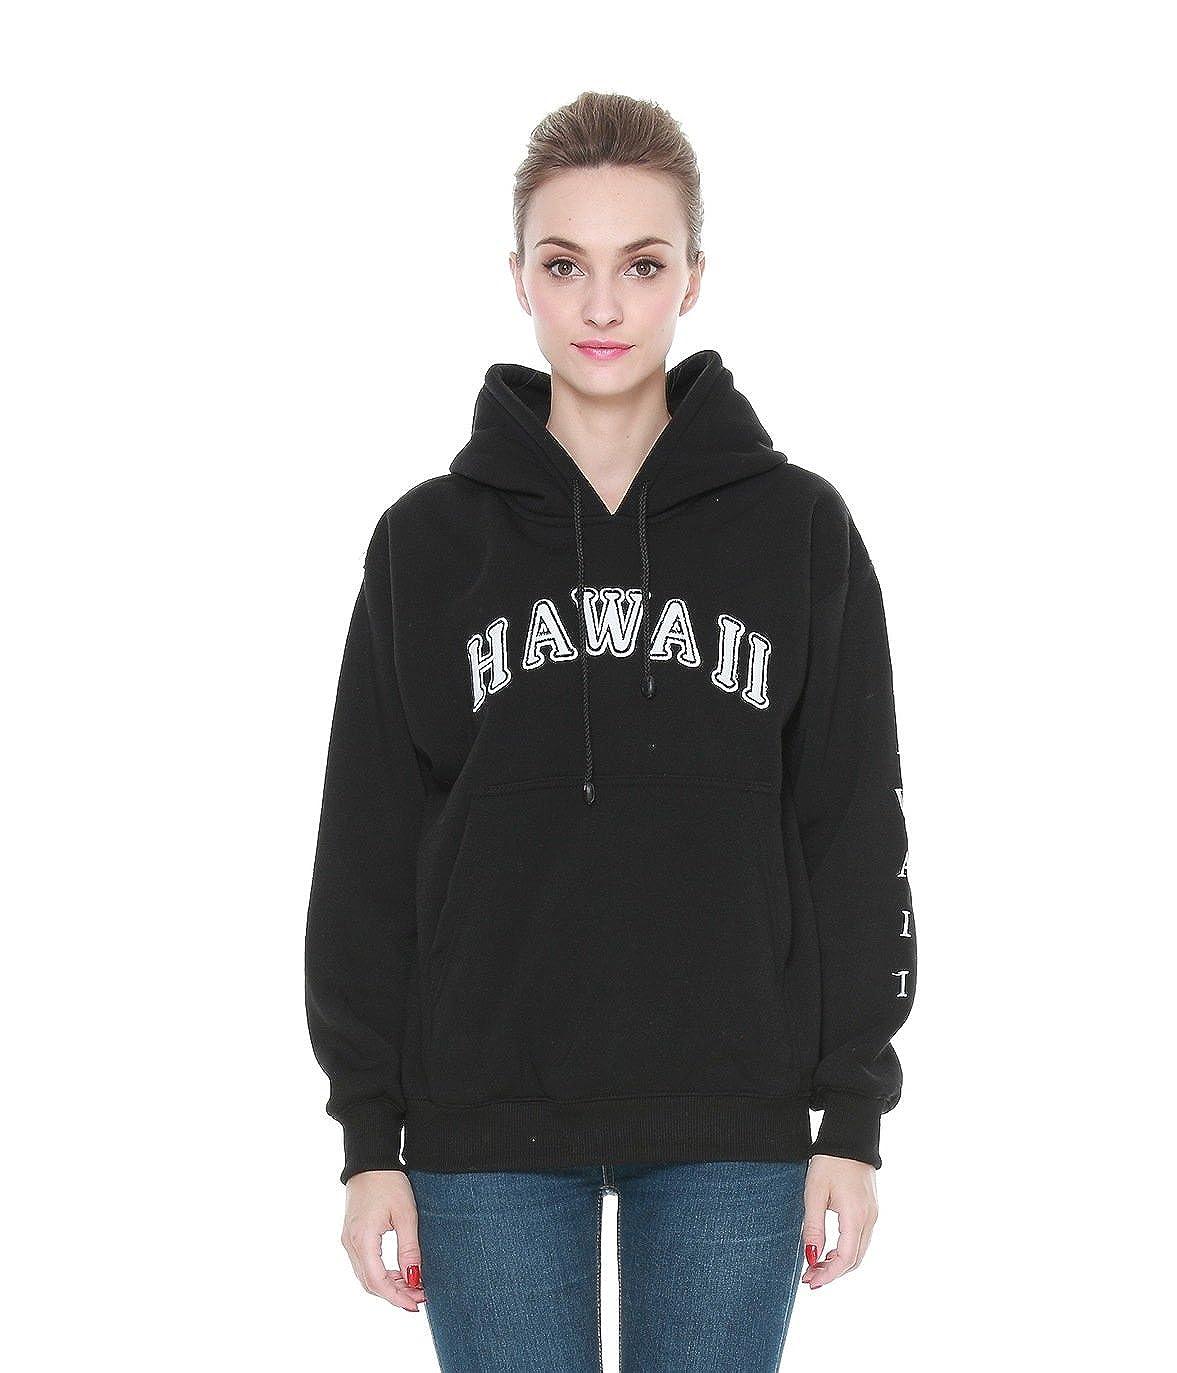 Erwachsene Unisex Hooded Hawaii Schwer Zur Seite fahren Fleece-Kapuzenpulli